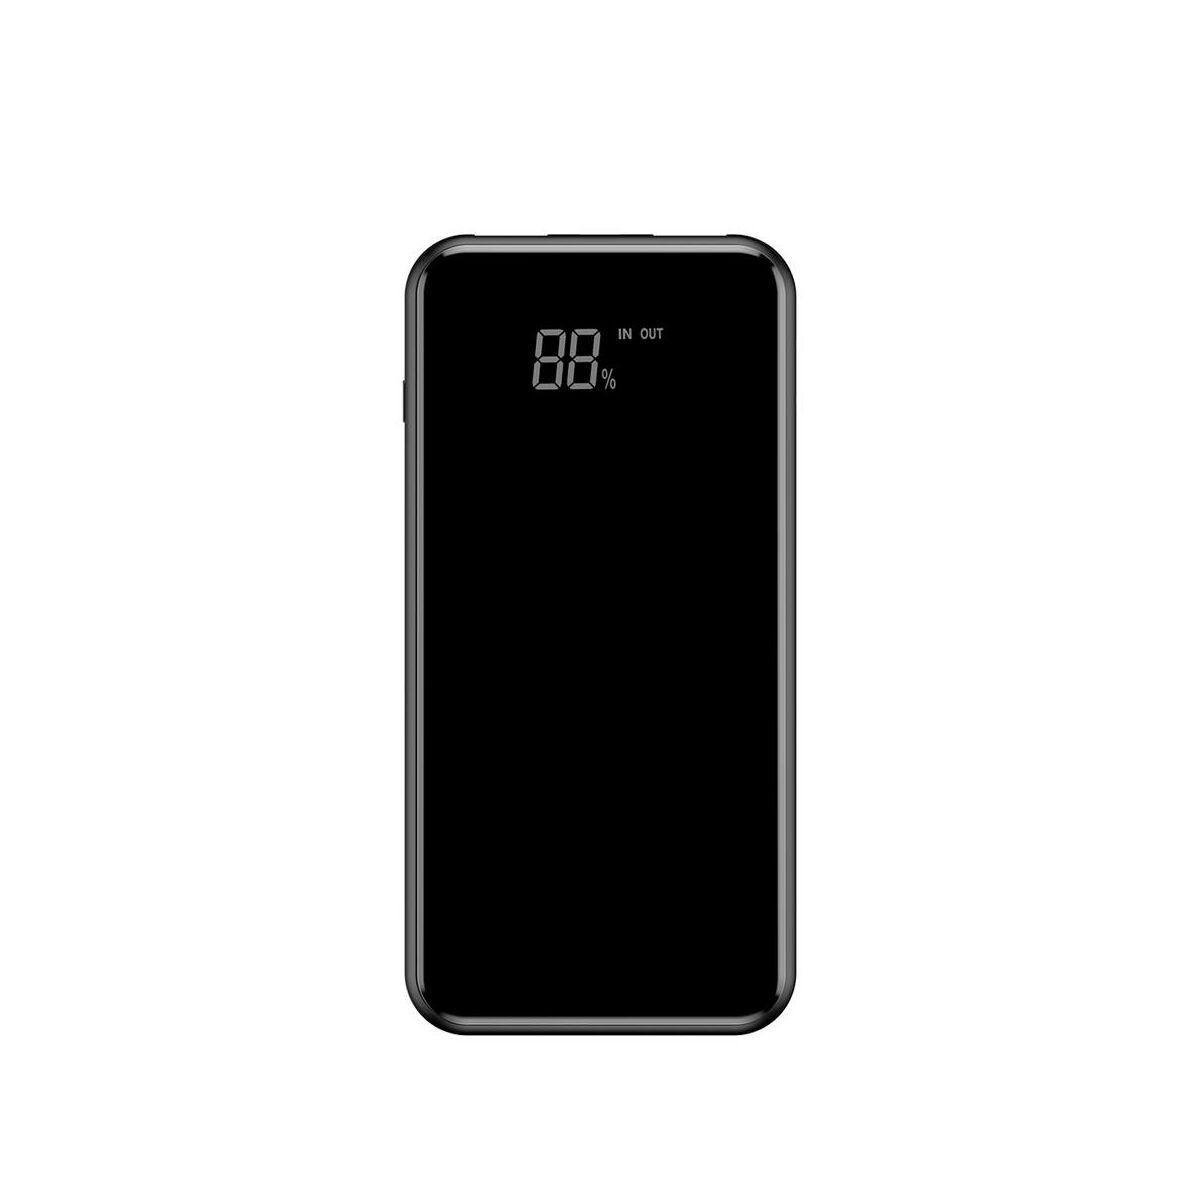 Baseus Power Bank vezeték nélküli töltés Full screen (Micro USB bemenet / dupla USB kimenet), 2A, 8.000 mAh, fekete (PPALL-EX01)